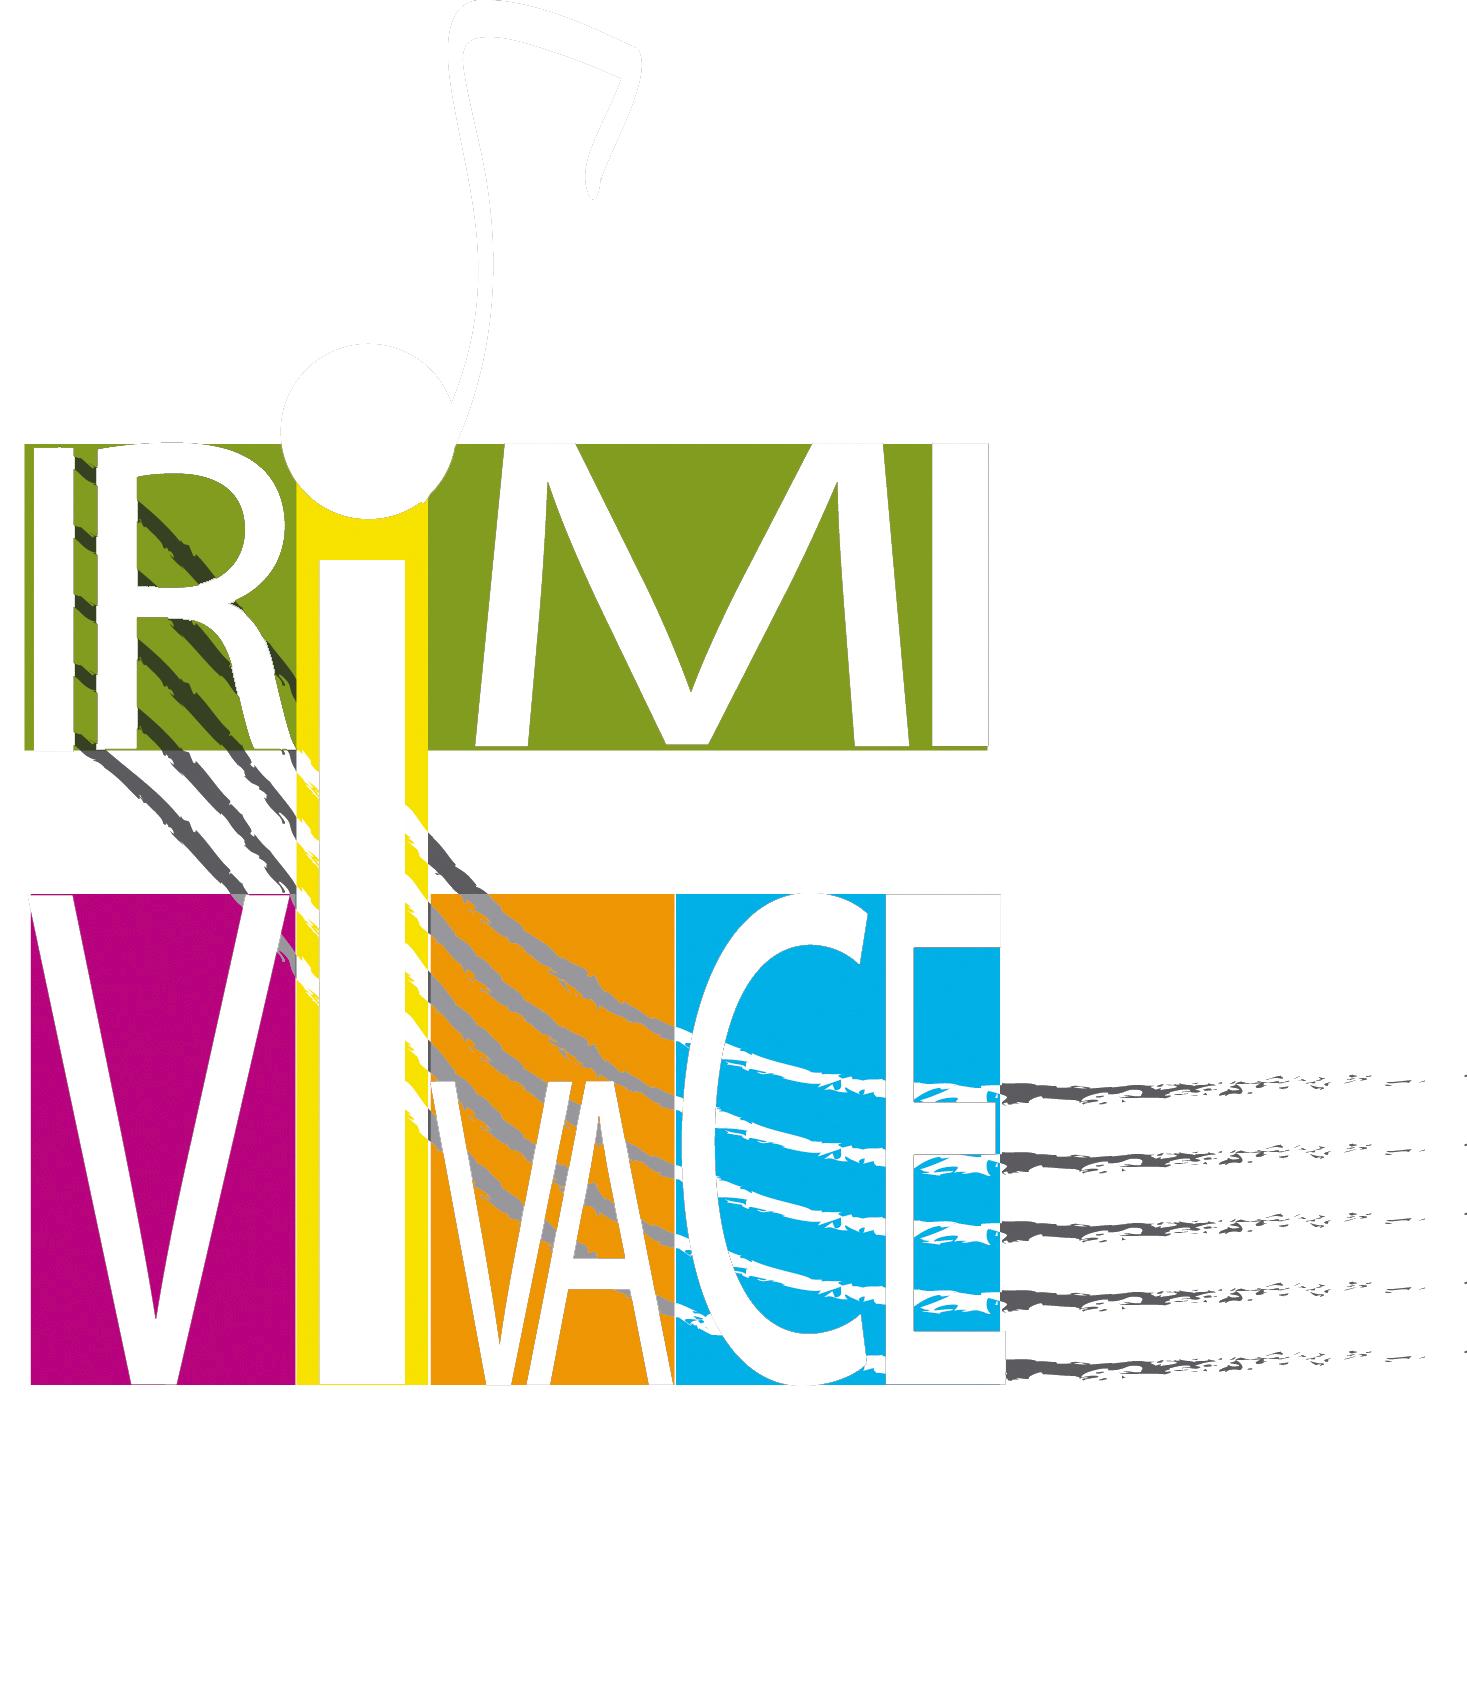 Irimi Vivace